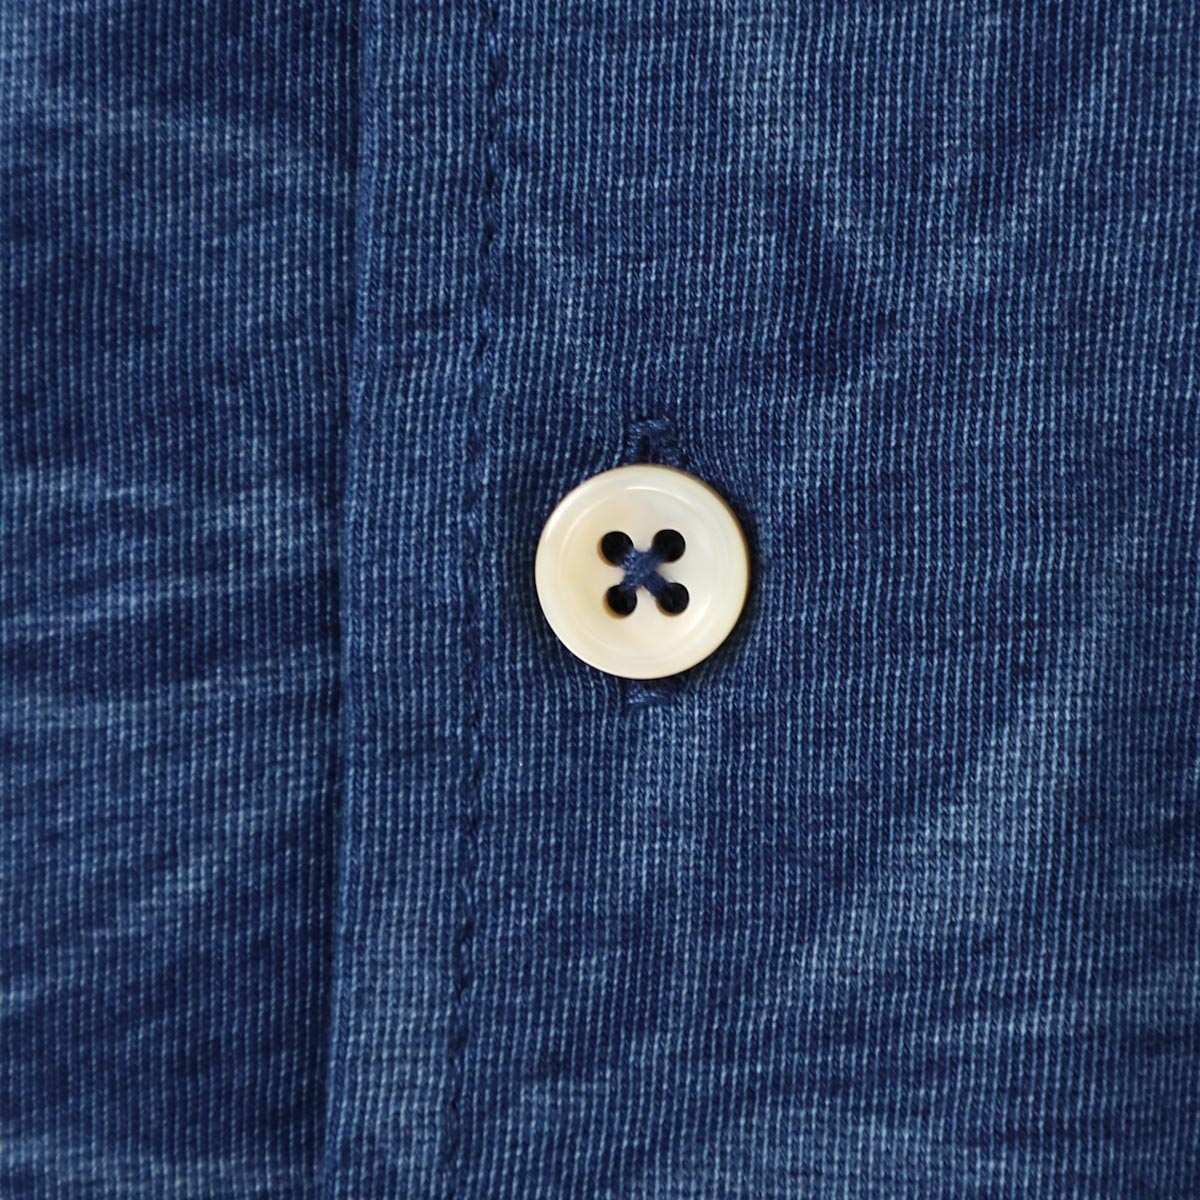 【アウトレット】【ラスト1点】CIRCOLO 1901 チルコロ 半袖シャツ メンズ